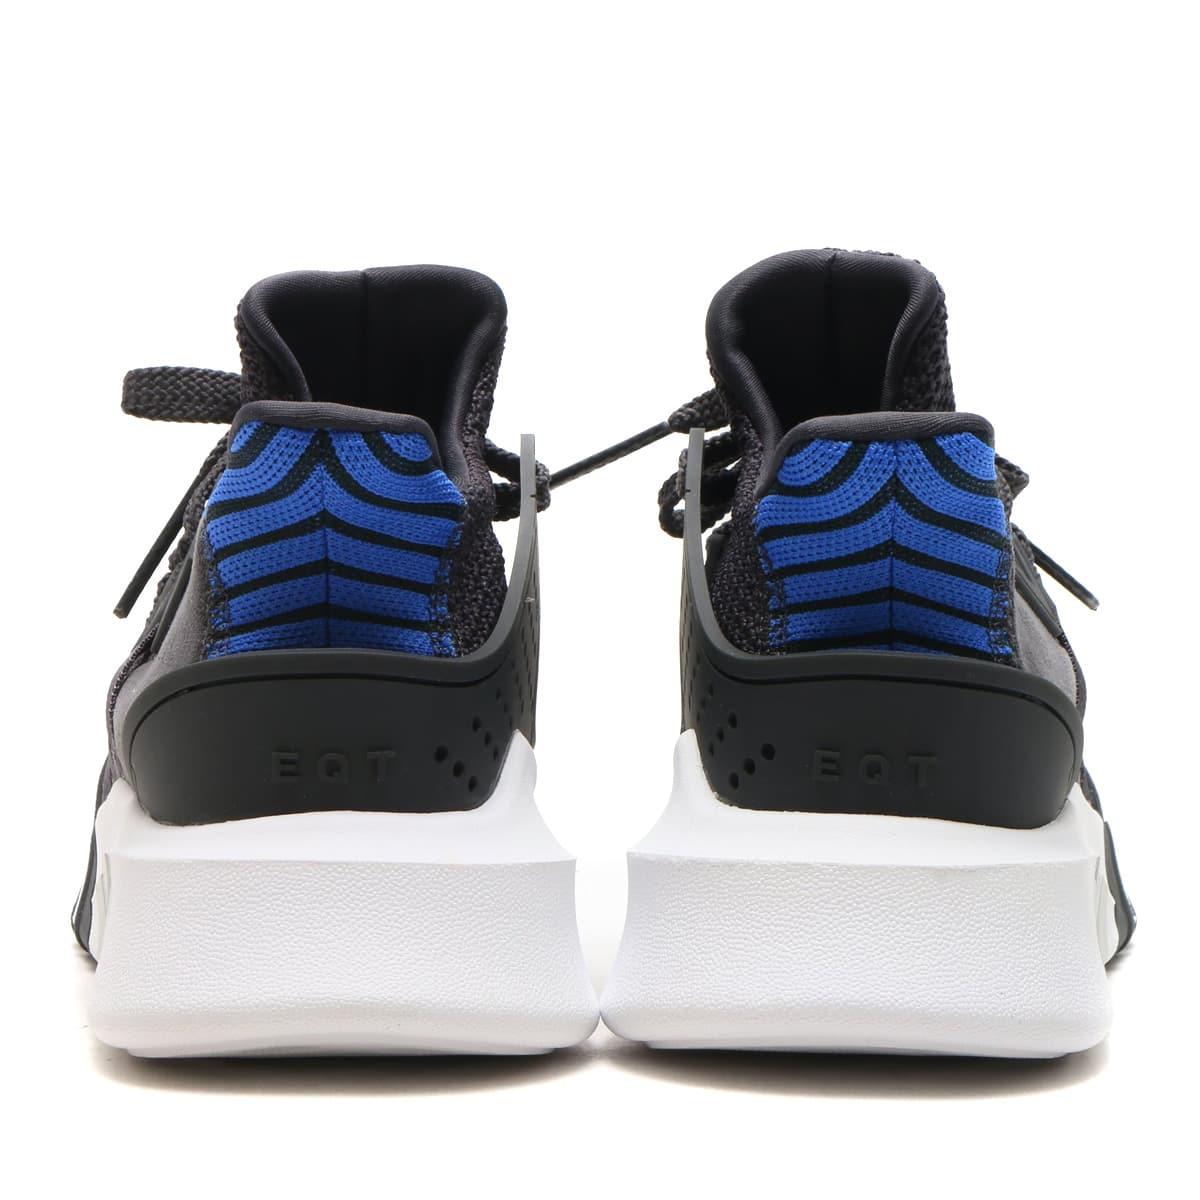 fa572f18df92 adidas Originals EQT BASK ADV Carbon Carbon Collegiate Royal